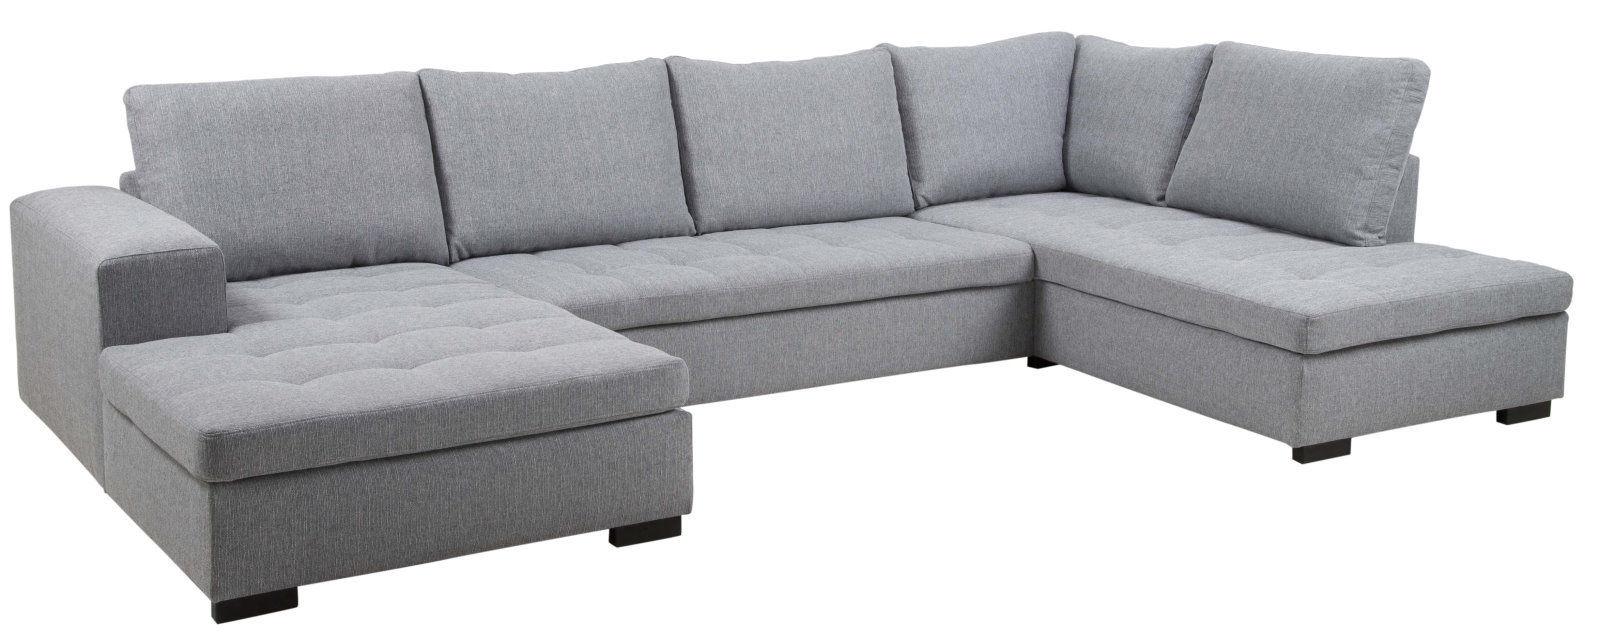 Pkline wohnlandschaft eckcouch couch chaiselounge ecksofa for Wohnzimmer wohnlandschaft